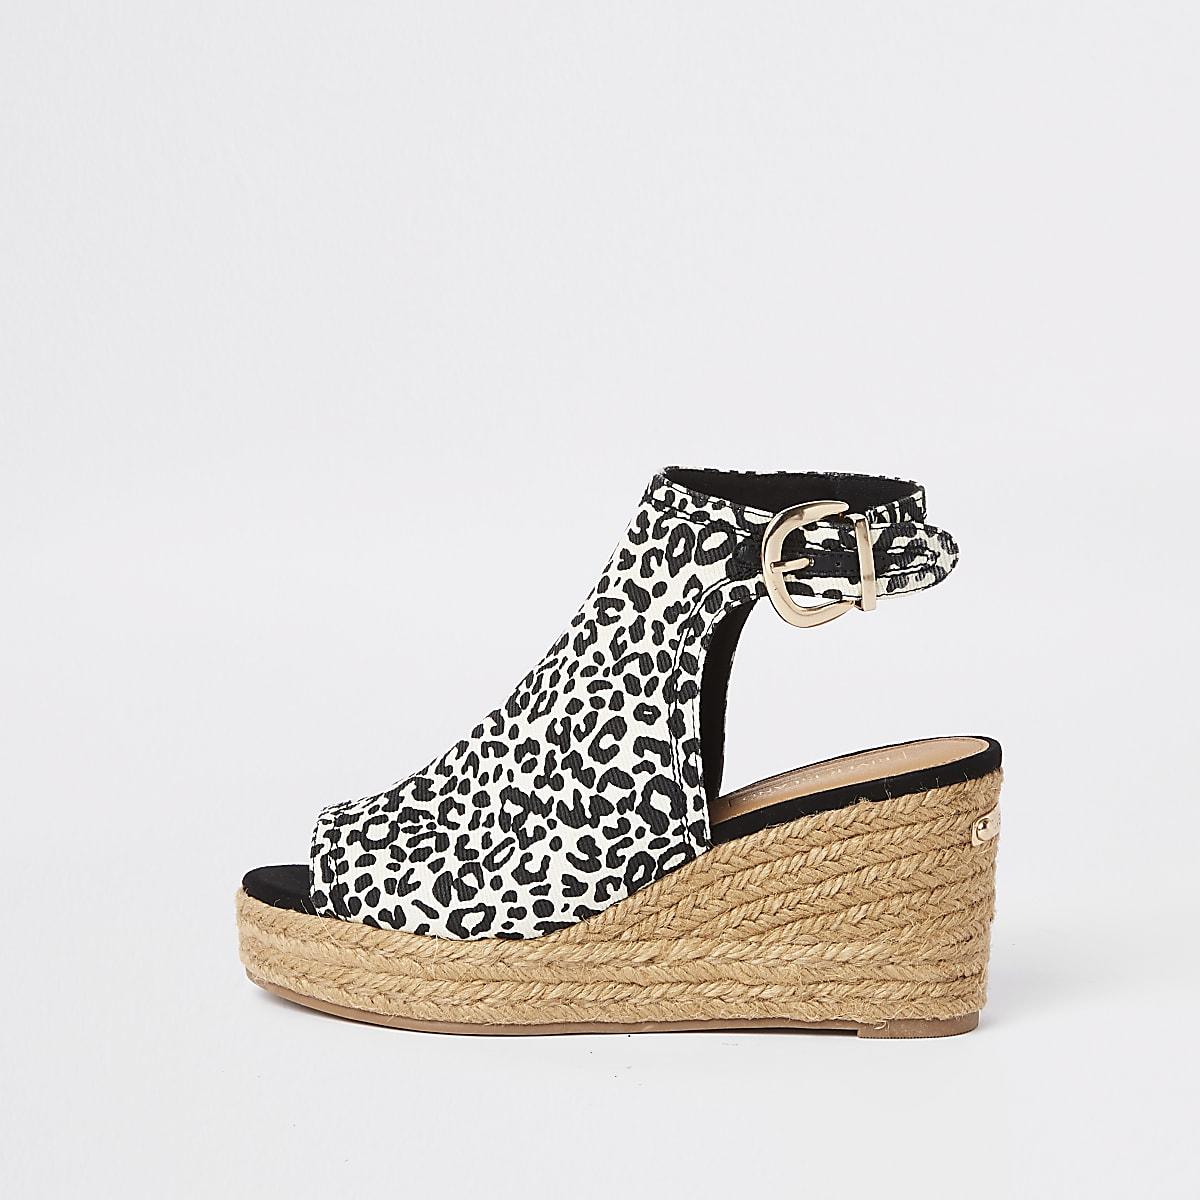 Sandales compensées imprimé léopard marron